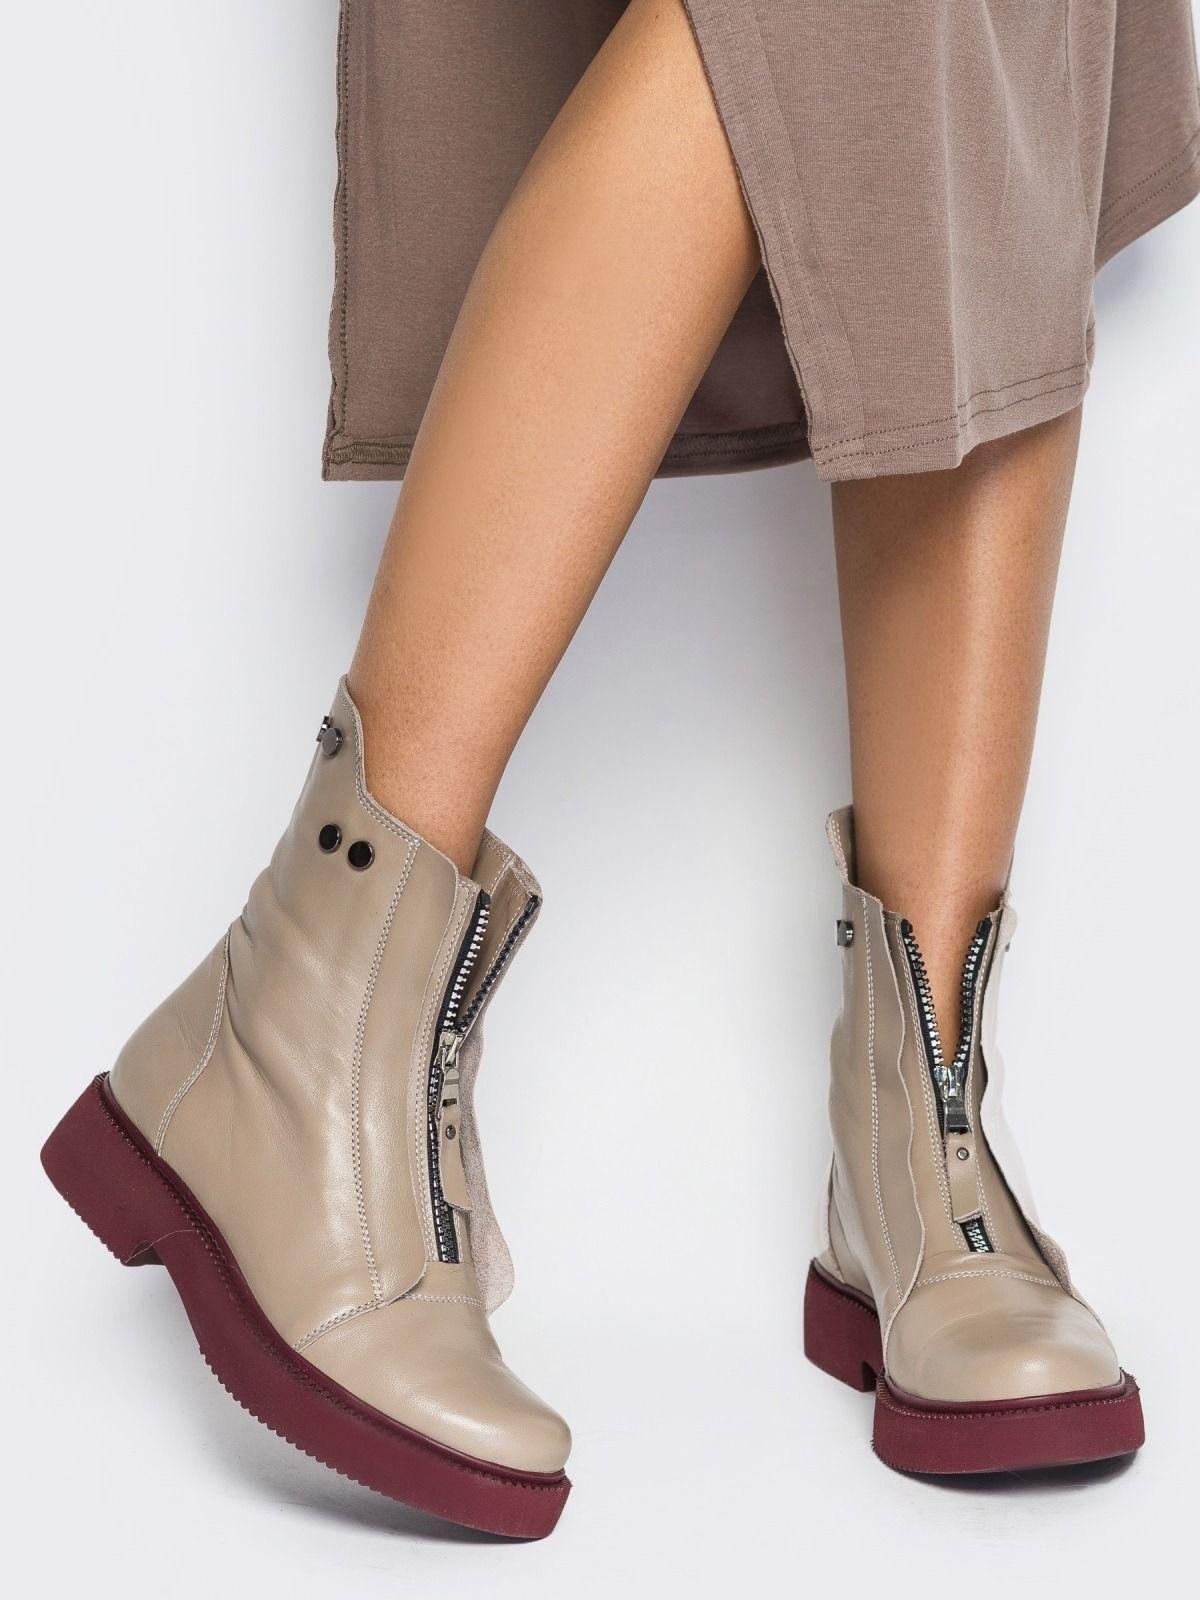 b49d65e51 100 стильных трендов: Модные женские ботинки 2019, новинки на фото ...